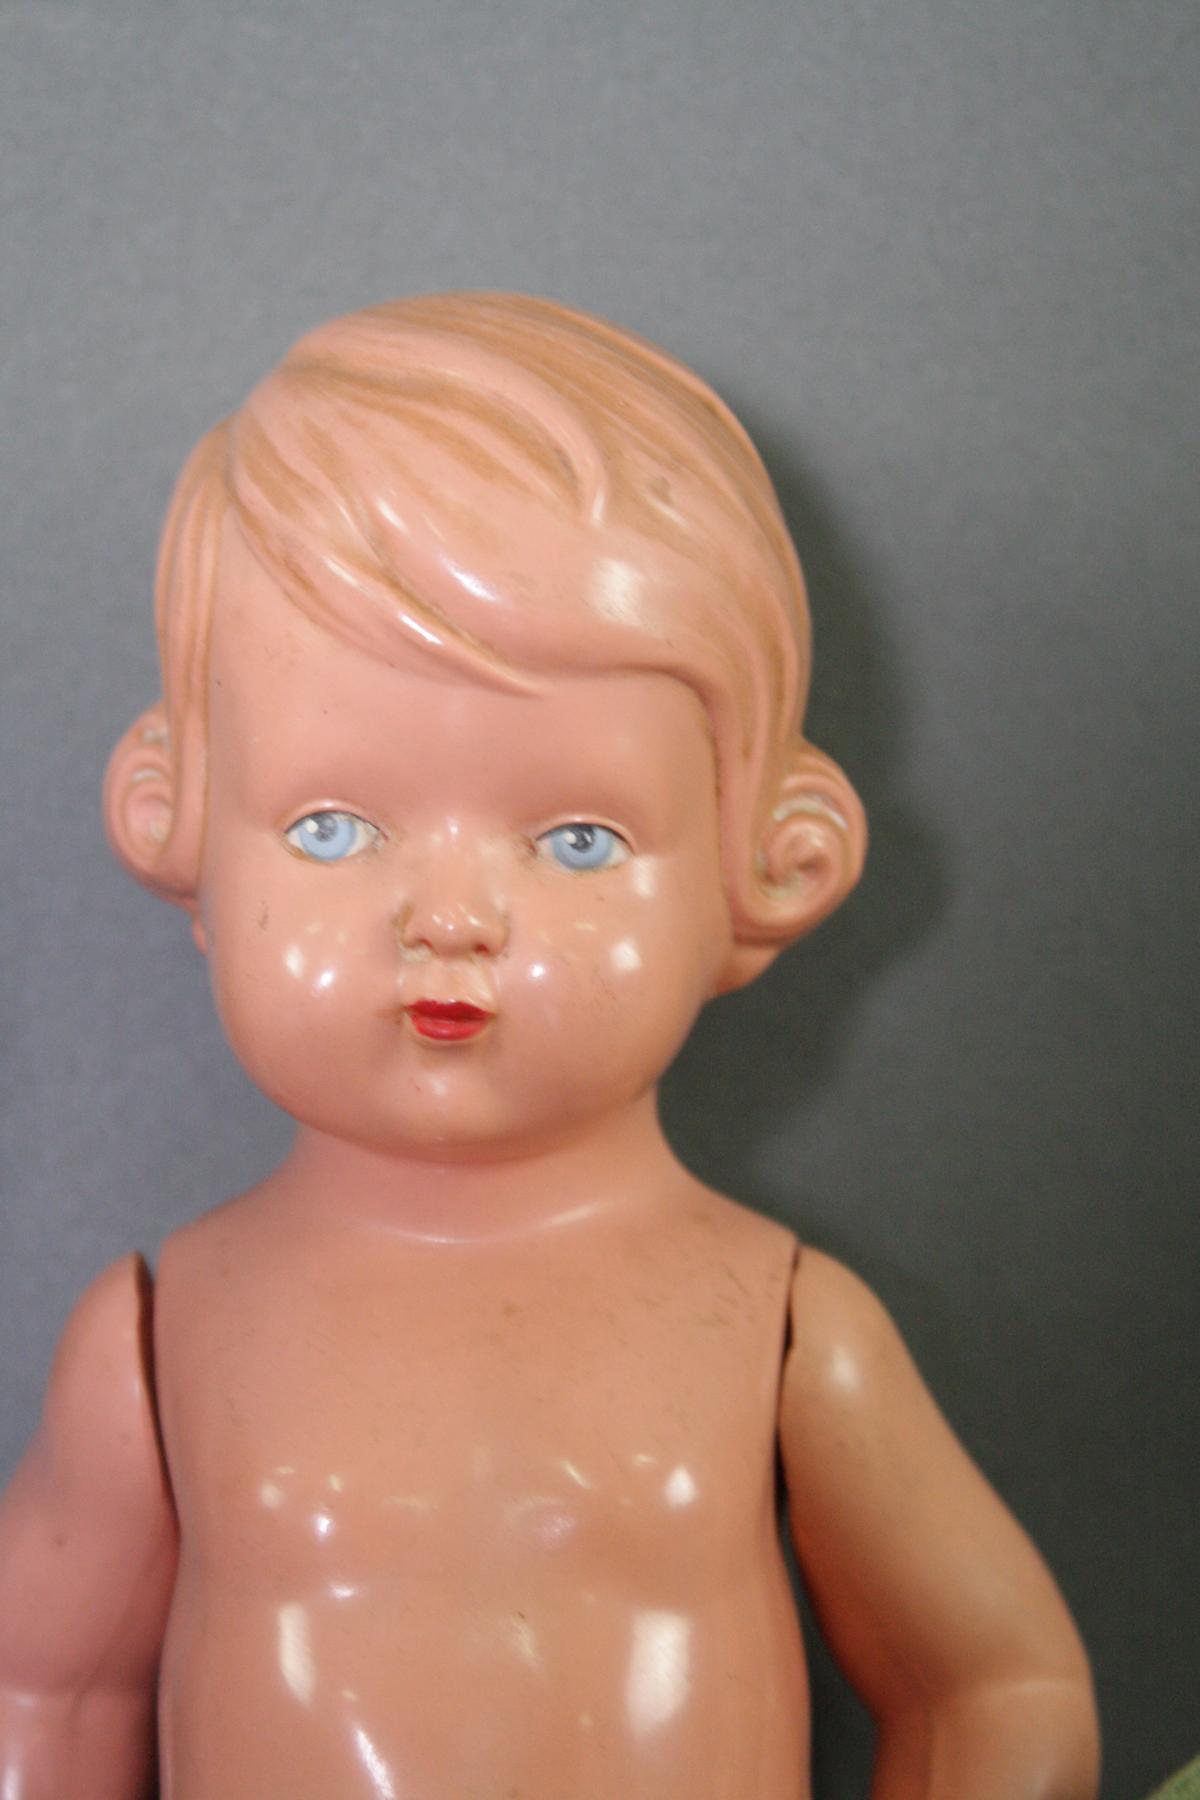 12 sehr alte Puppen, 1. Hälfte 20. Jahrhundert oder älter-5